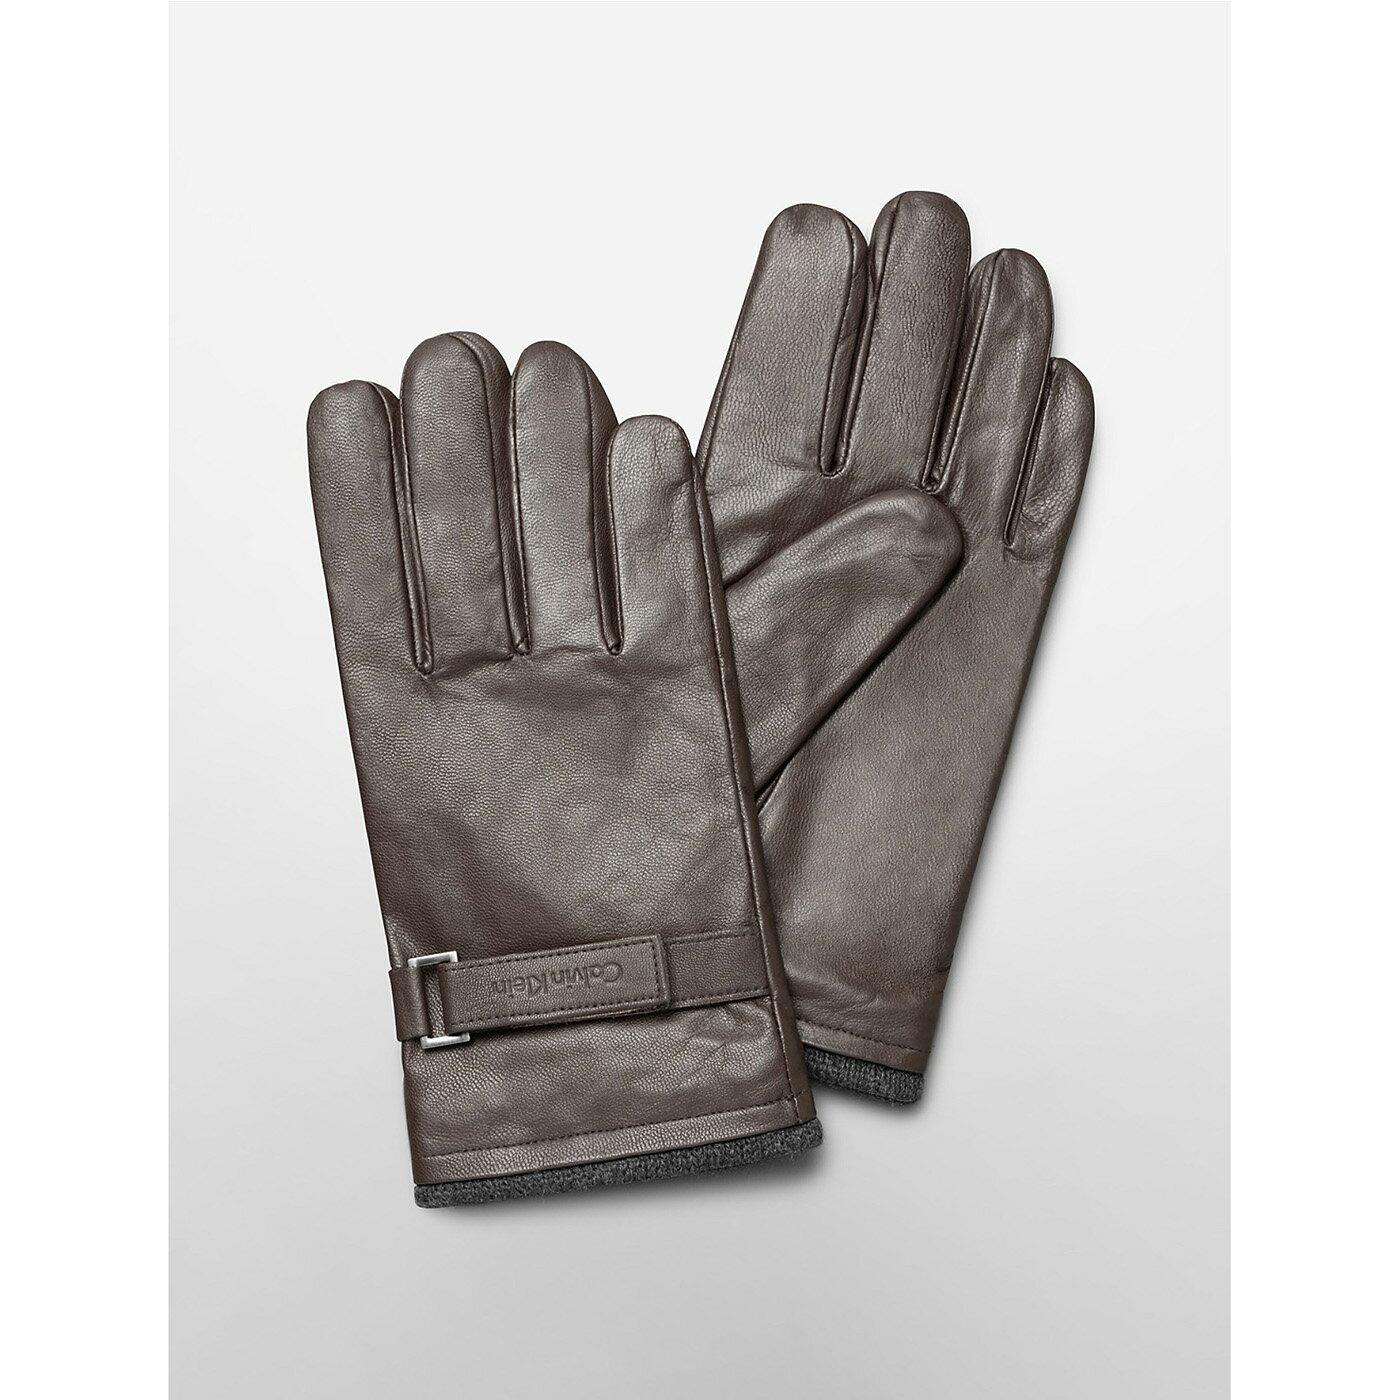 美國百分百【Calvin Klein】手套 CK 防寒 保暖 皮質 皮手套 配件 騎士 男 咖啡 S M L號 F827